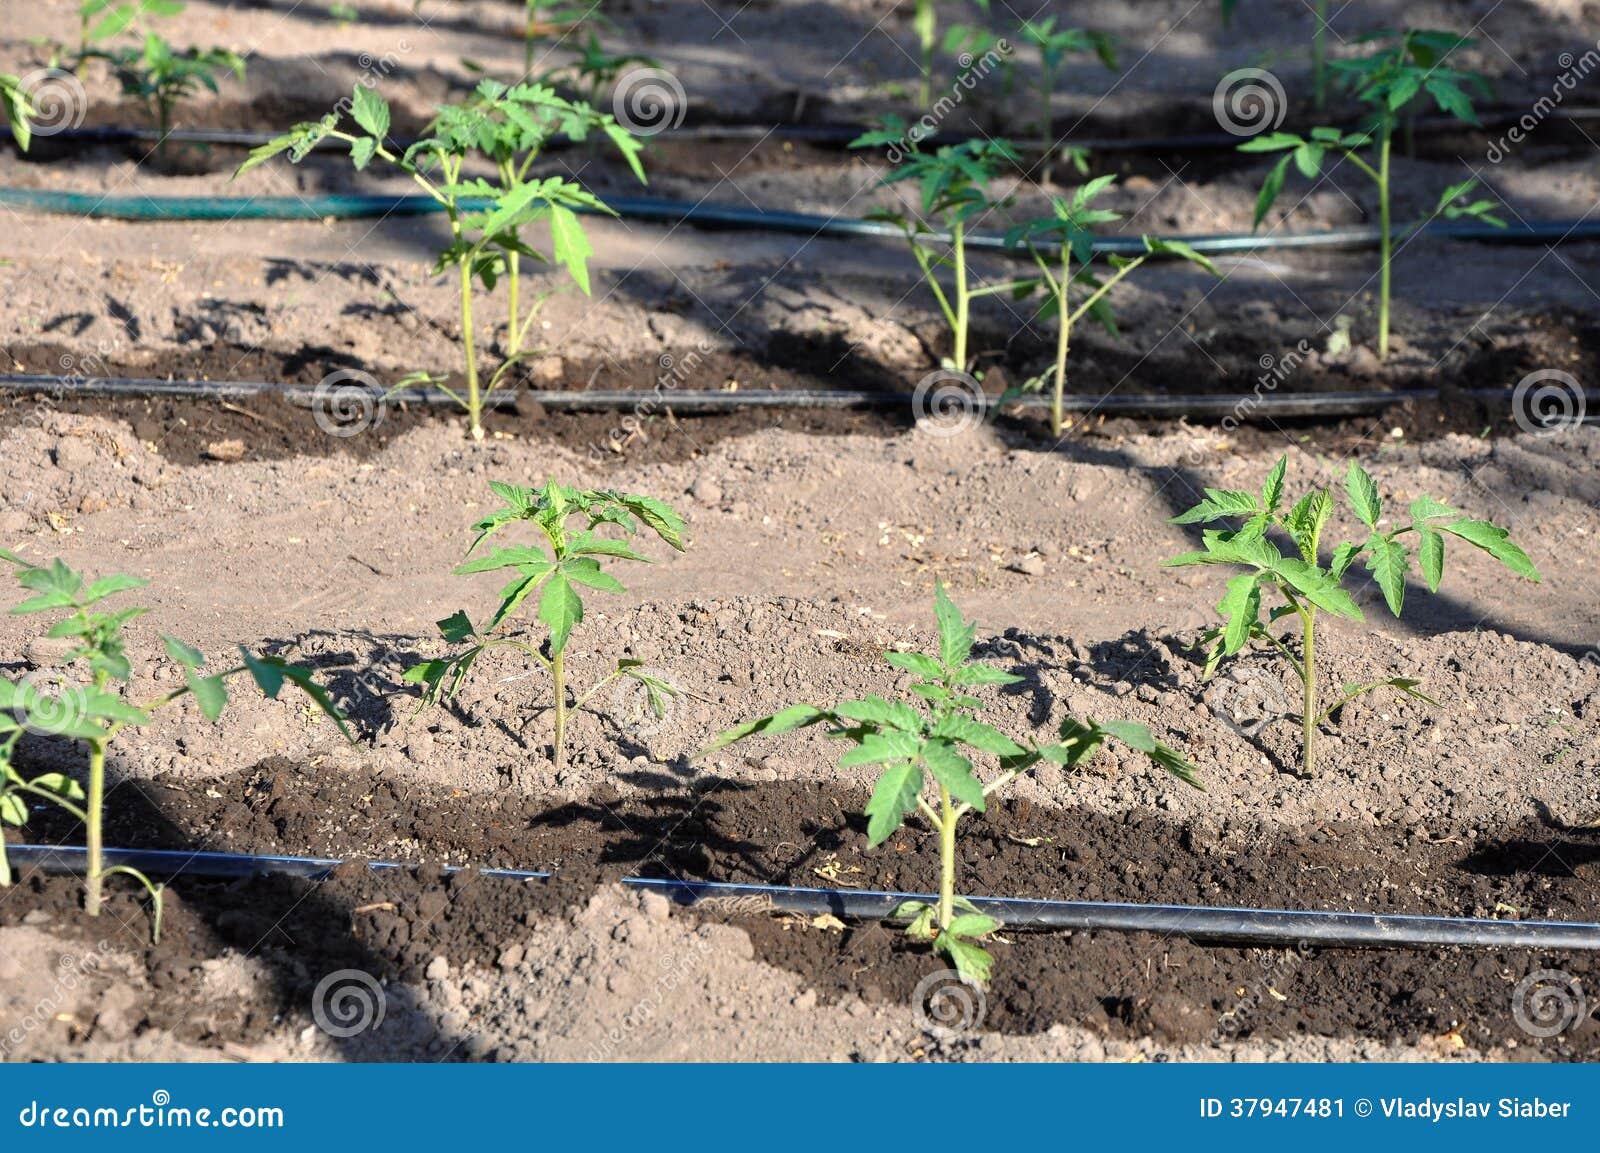 jeune plante de tomate de arrosage dans le sol ouvert. Black Bedroom Furniture Sets. Home Design Ideas